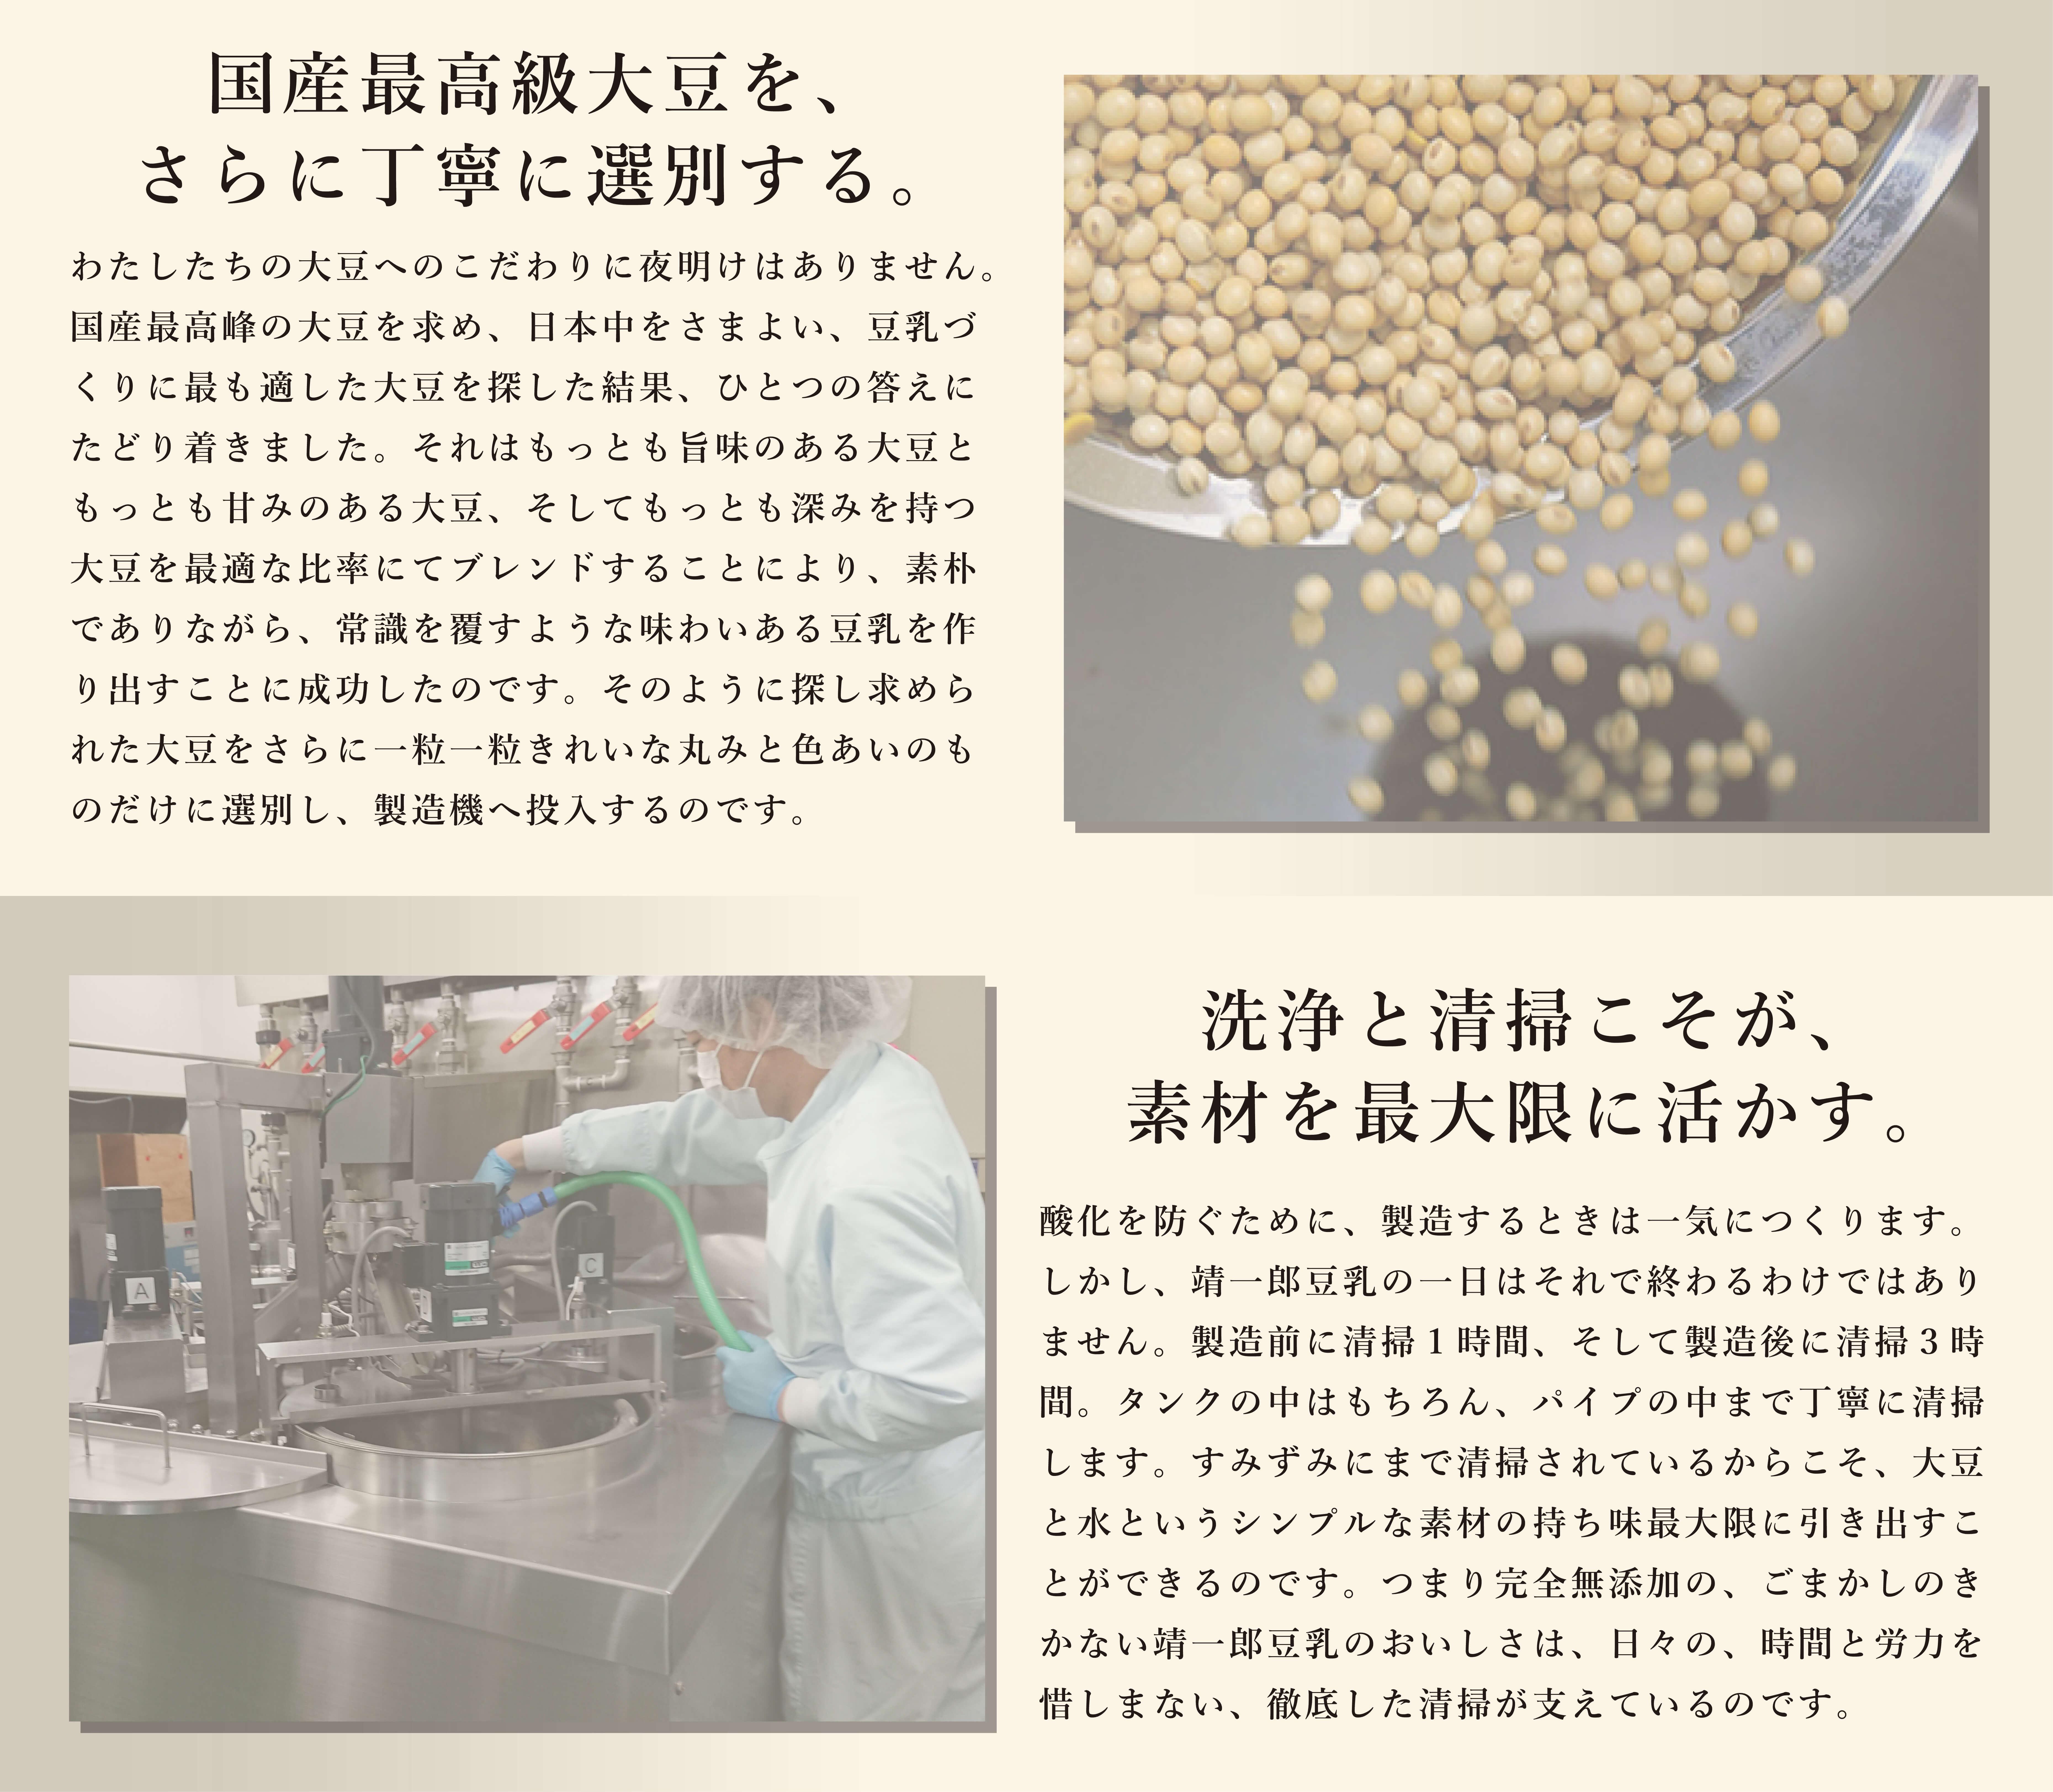 だからフクユタカは人気です。佐賀県は全国でも有数の大豆産地。というのも、有明海に面した、肥沃な佐賀平野は、湿度が低く気温の日較差・年較差が大きいという穀物の栽培には絶好の地だからです。そのなかでもフクユタカは、一粒一粒がきれいな丸みを帯びていて、そのなかに大豆本来の旨味を持っている一級品。生産量は限られているので稀少な大豆として、本物を志向する製造者が求めてやまない大豆の最高峰なのです。靖一郎豆乳はフクユタカのなかでも大粒のものを厳選して100%使用して作っています。洗浄こそが、素材を活かす。清掃5時間、製造3時間、それが靖一郎豆乳の毎日です。酸化を防ぐために、製造するときは一気に作ります。しかし靖一郎豆乳の一日はそれで終わるわけではありません。製造が終われば約3時間かけて洗浄。タンクのなかからパイプのなかまで、ずみずみまでていねいに清掃します。製造のまえにももう一度洗浄。ちょっとした付着物が豆乳の味や香りに影響を及ぼすからです。そしてすみずみにまで清掃されているからこそ、大豆と水というシンプルな素材の持ち味を最大限に引き出せるのです。